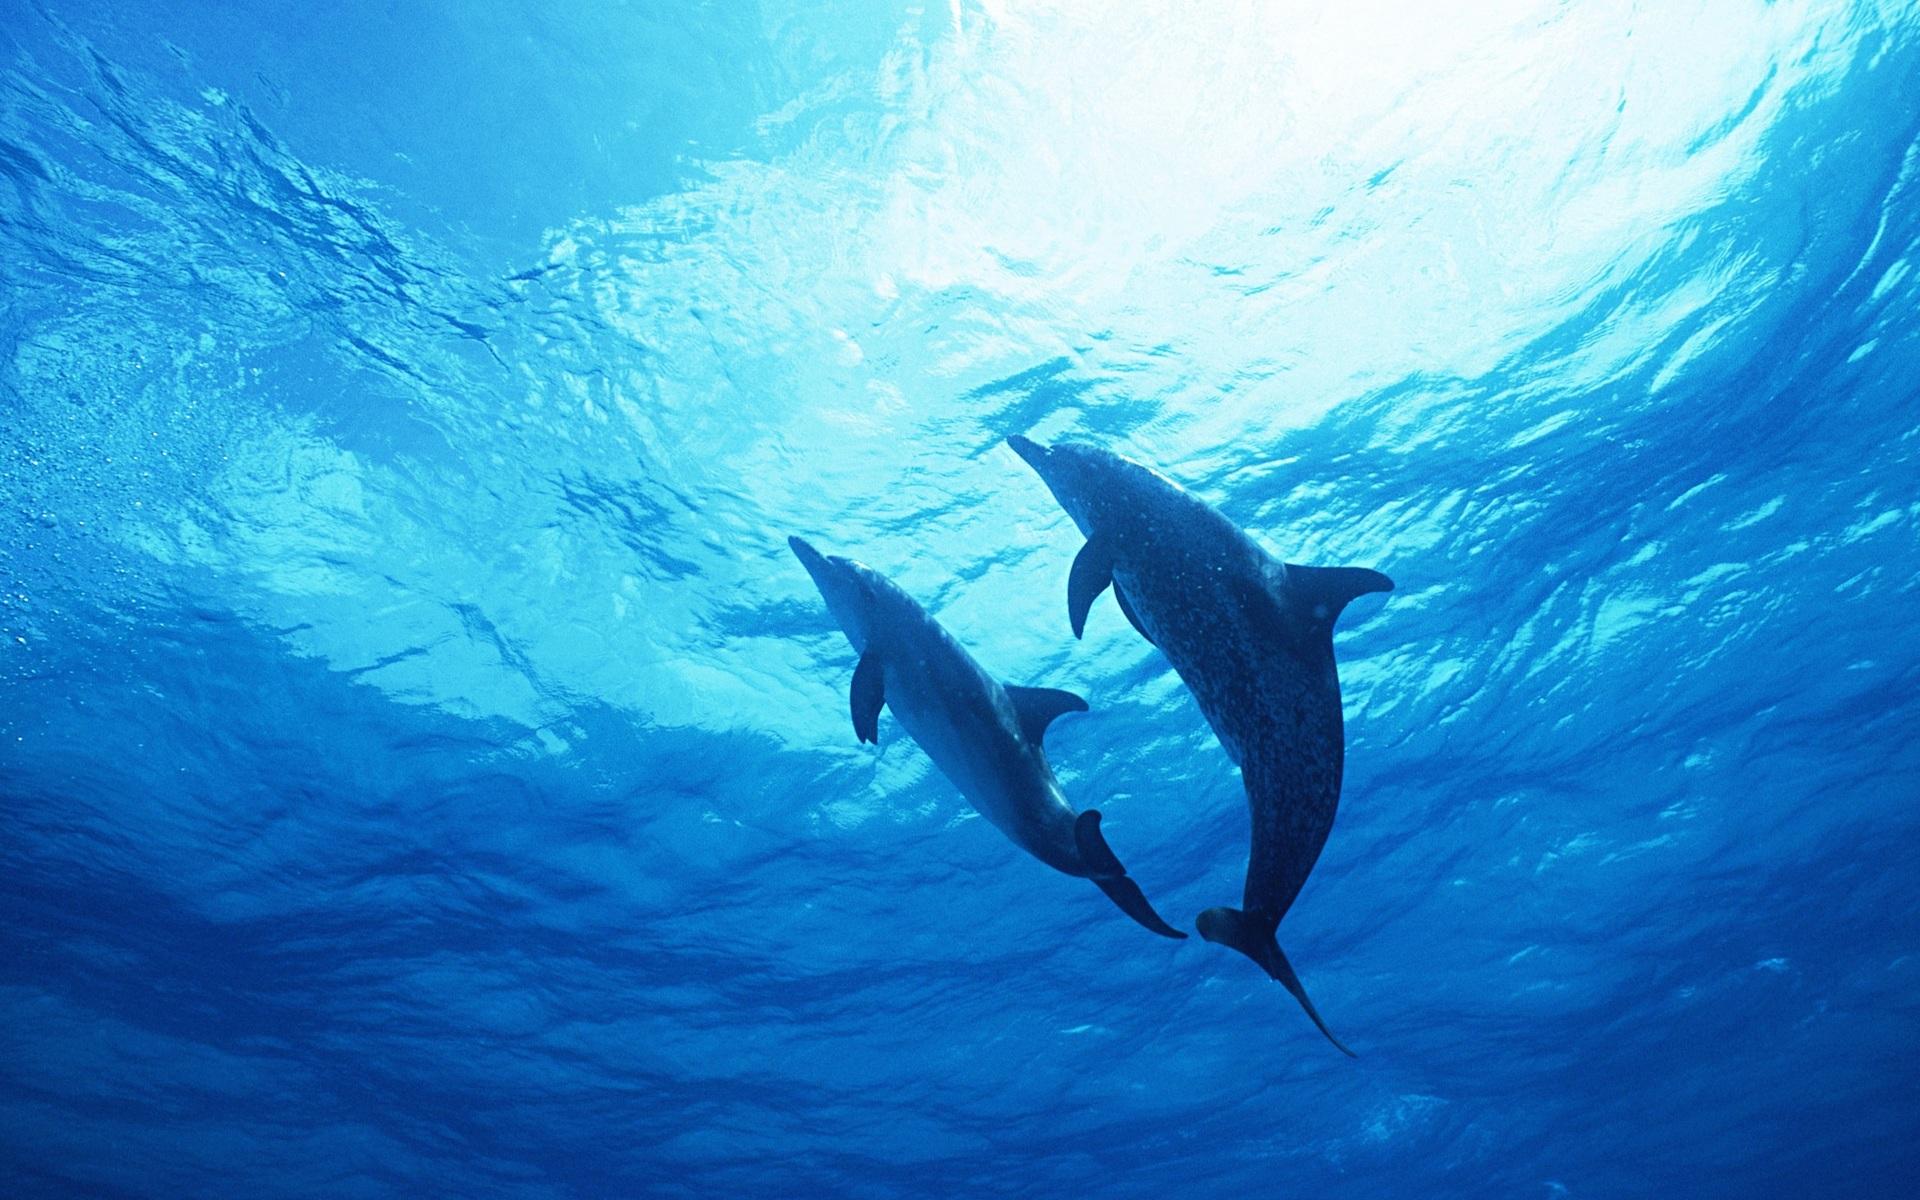 обои на рабочий стол океан дельфины существо микроскопических размеров